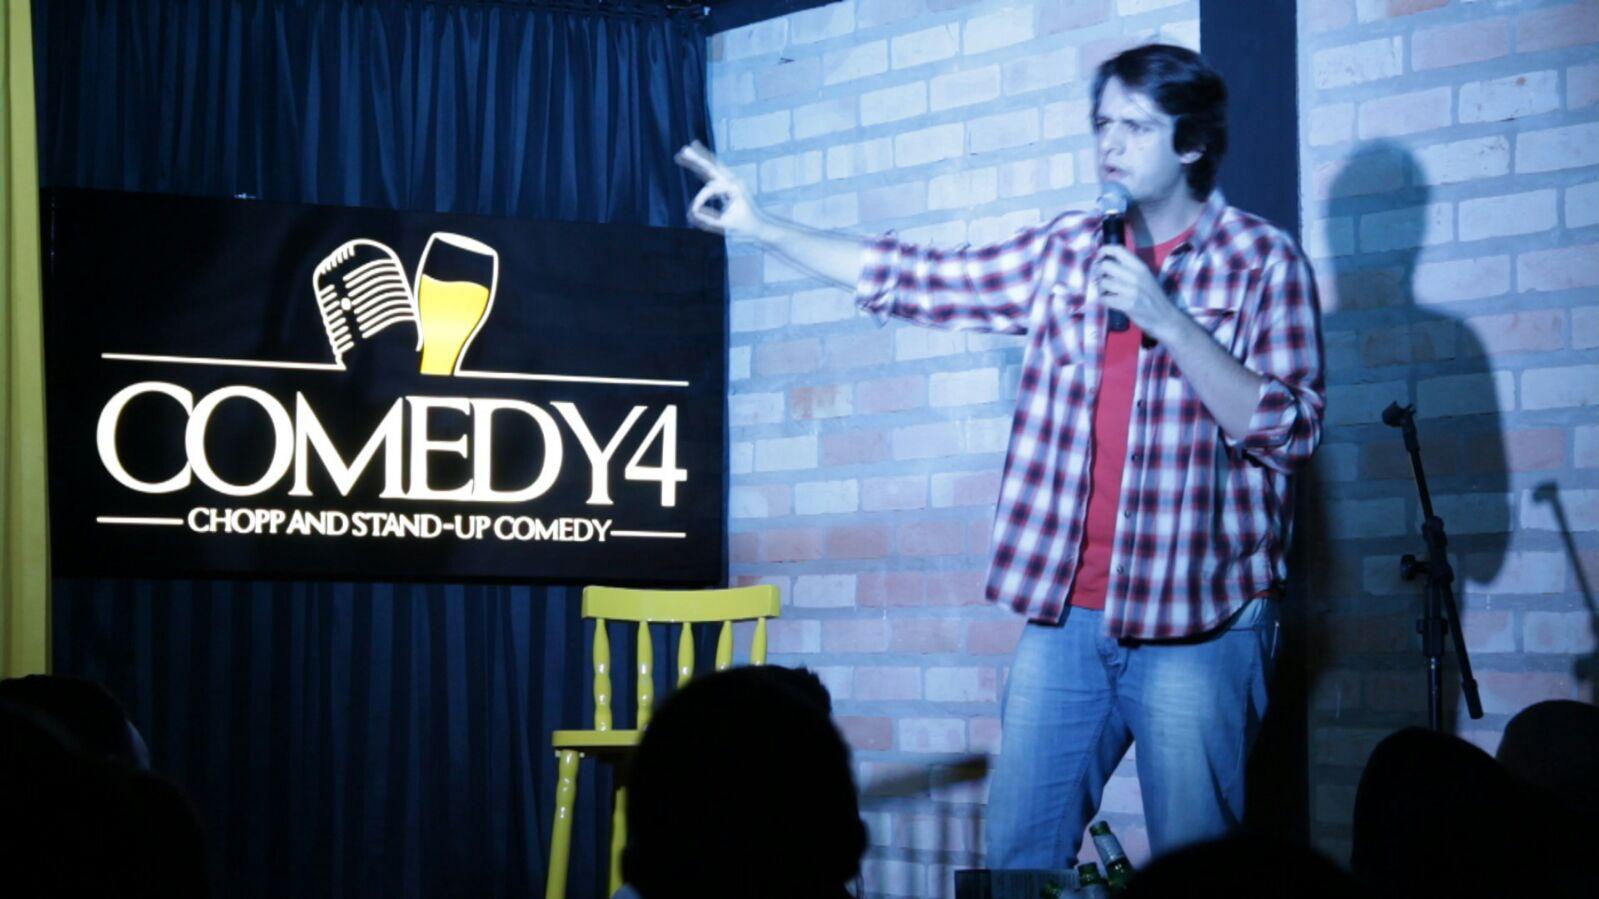 Comedy4